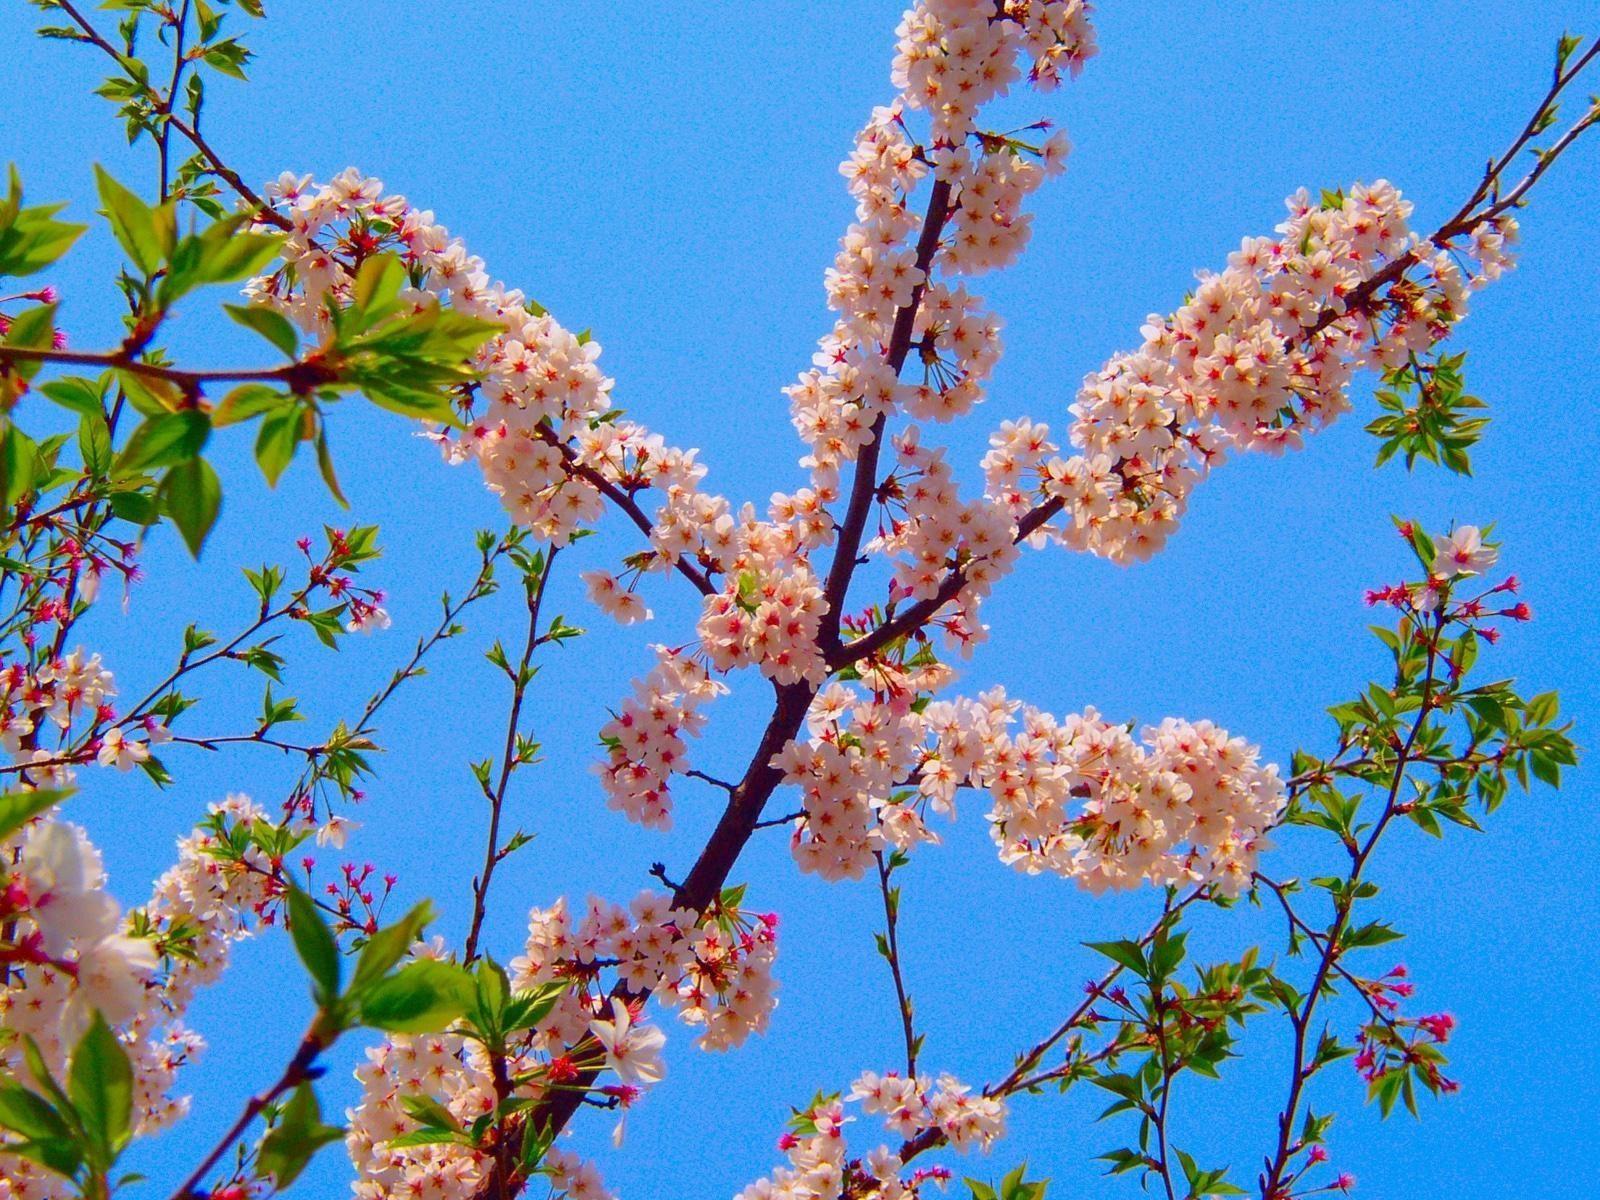 129460 Salvapantallas y fondos de pantalla Flores en tu teléfono. Descarga imágenes de Flores, Florecer, Floración, Rama, Primavera, Cielo, Hojas gratis